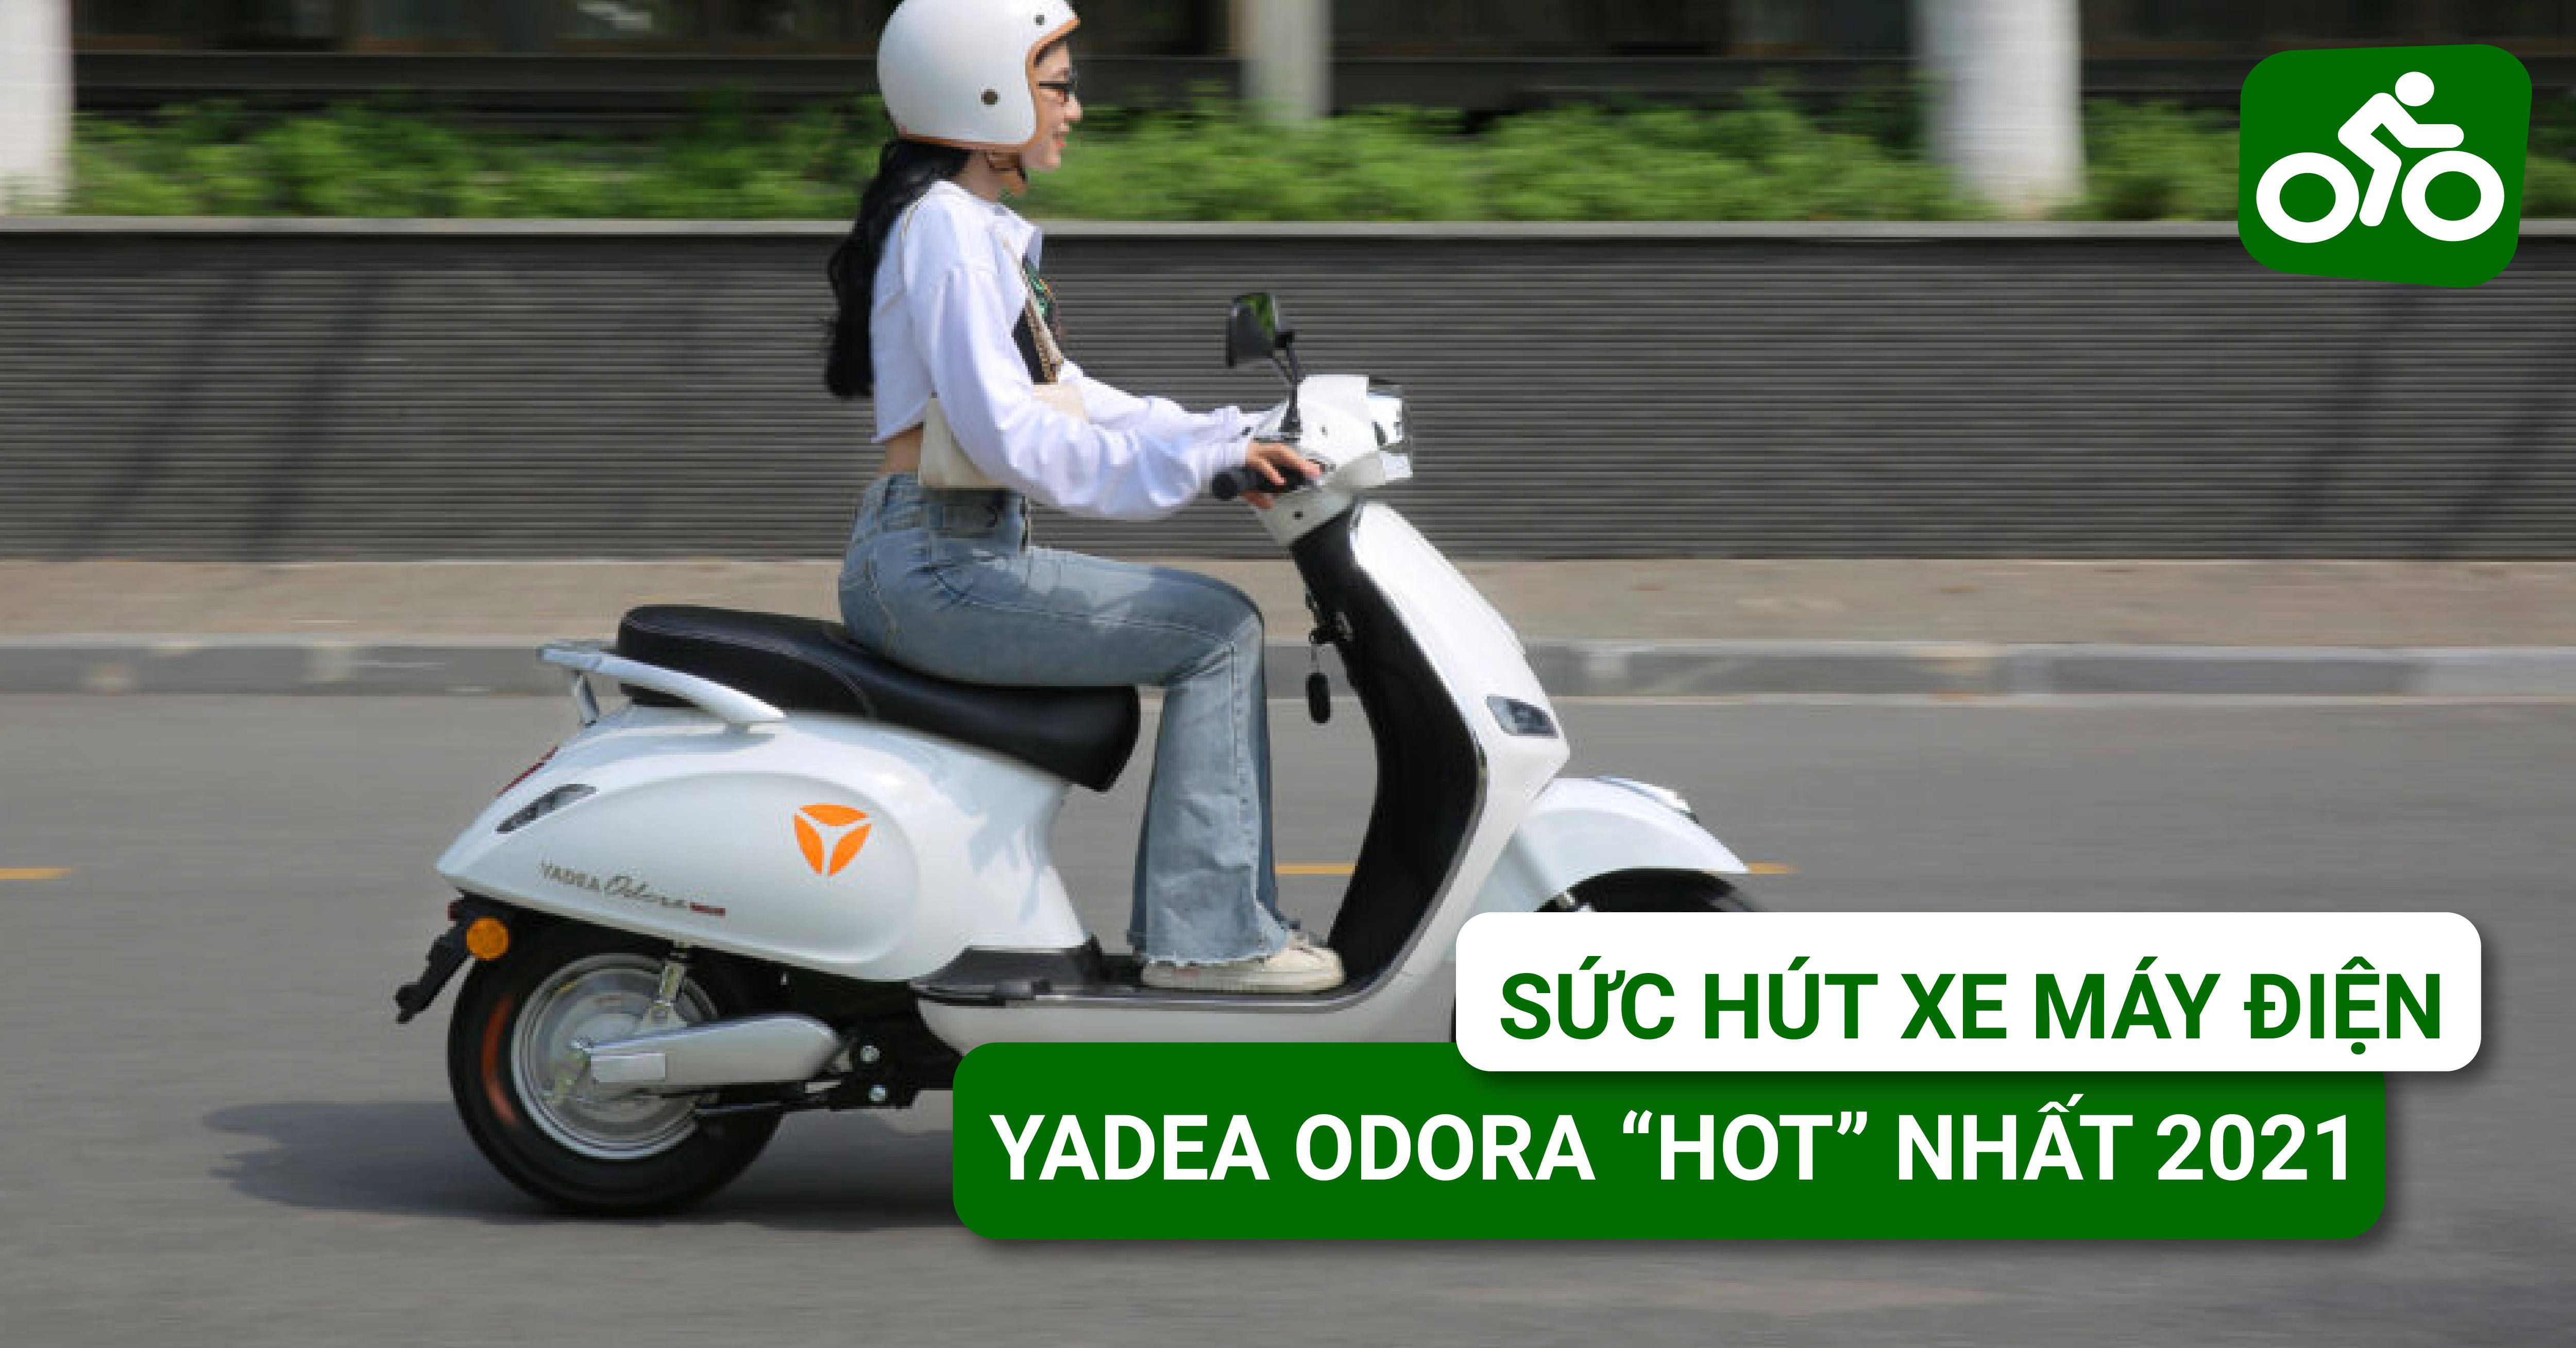 Khám phá sức hút của xe máy điện cho nữ hot nhất 2021 YADEA Odora